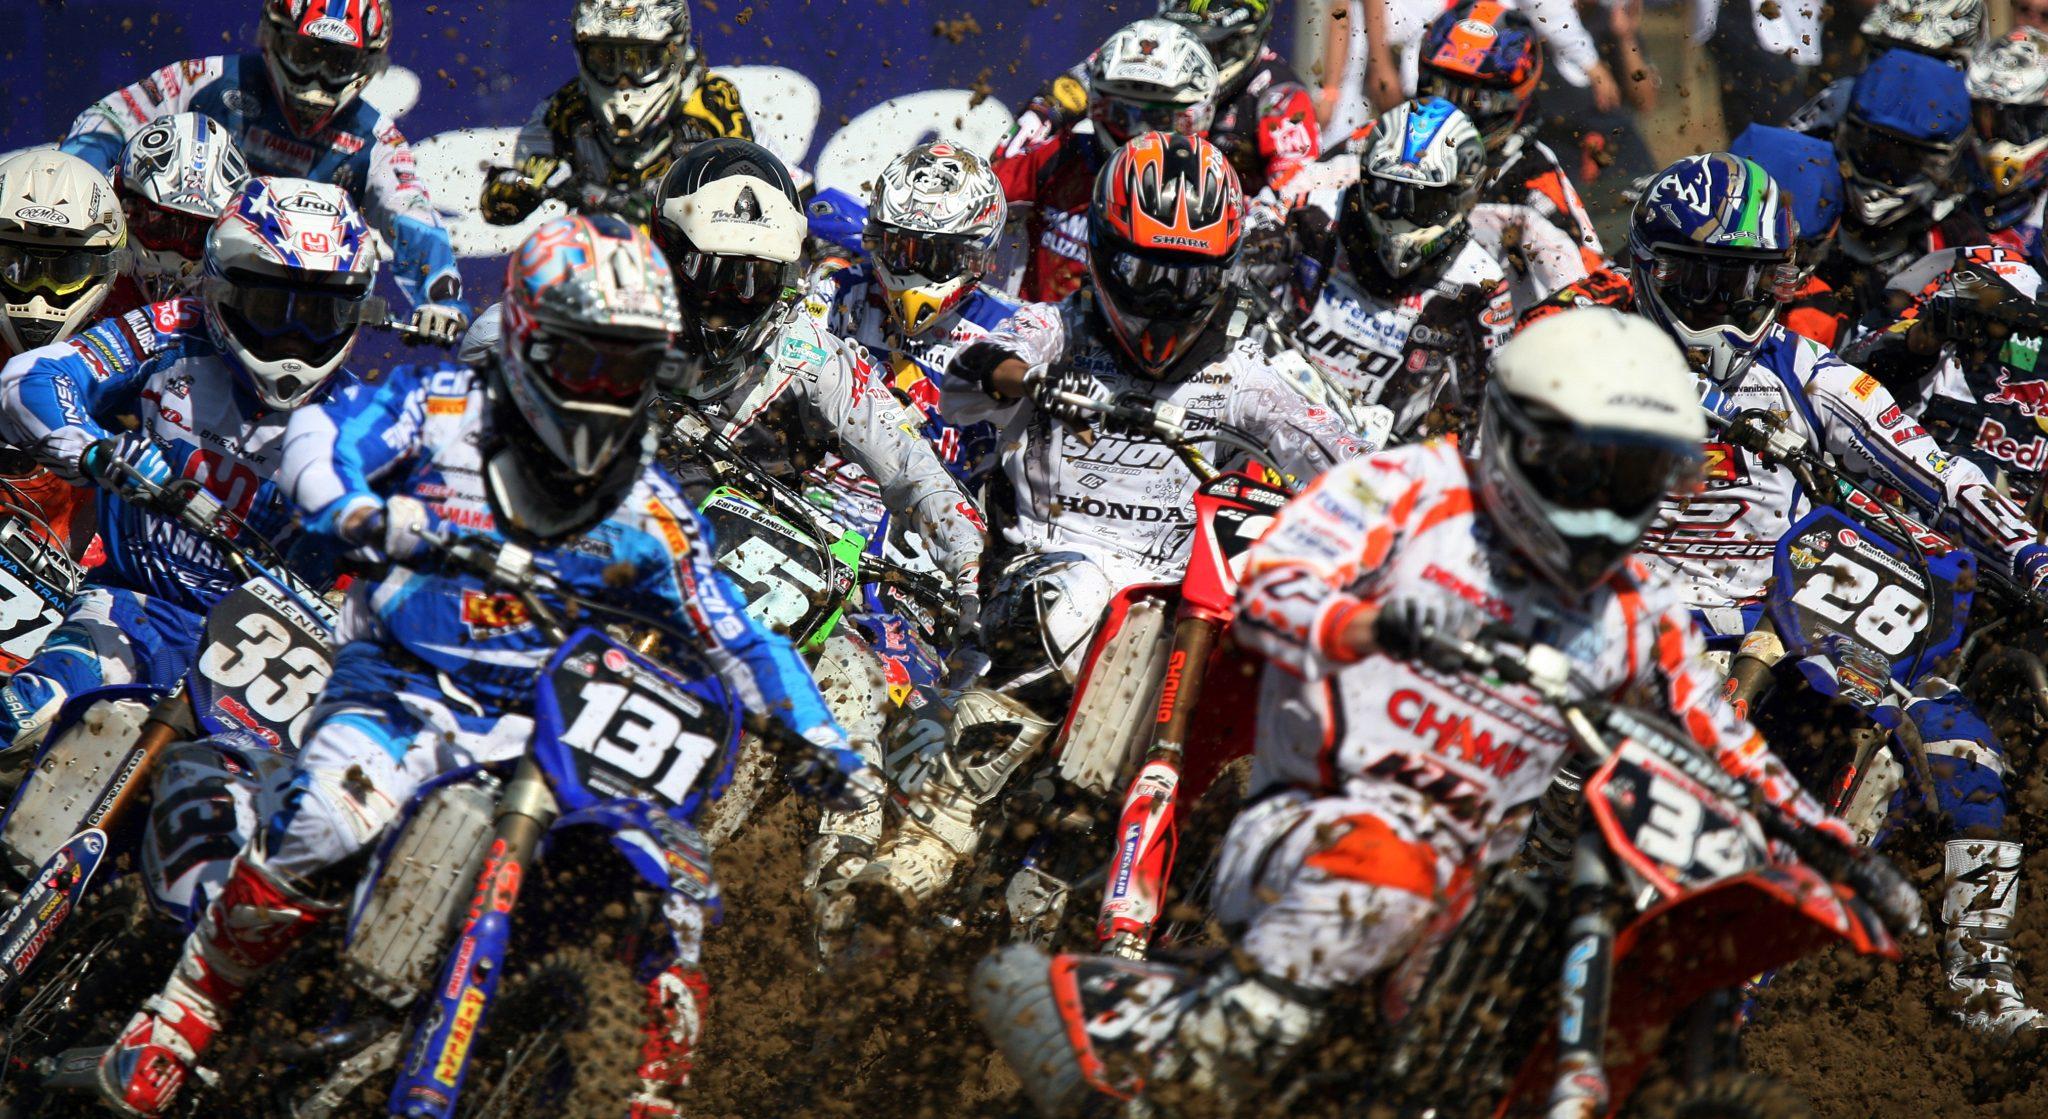 Pack shot of motocross racers